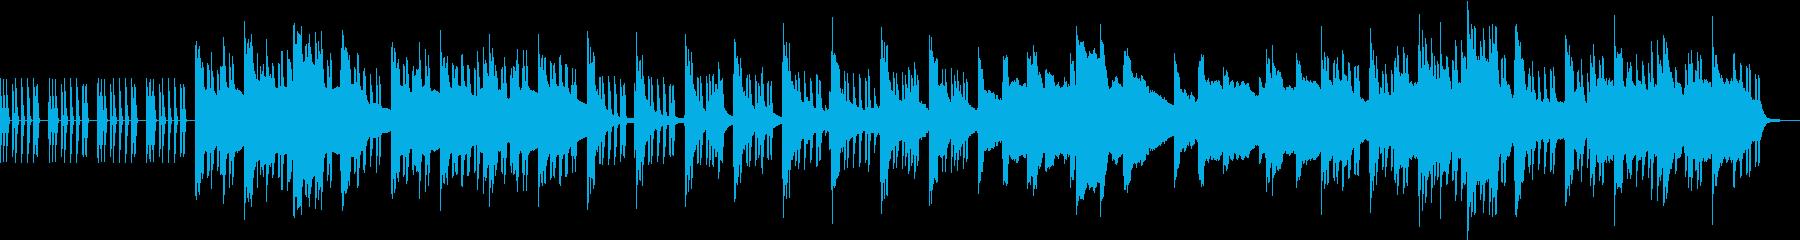 メロウでLo-Fiなインストの再生済みの波形